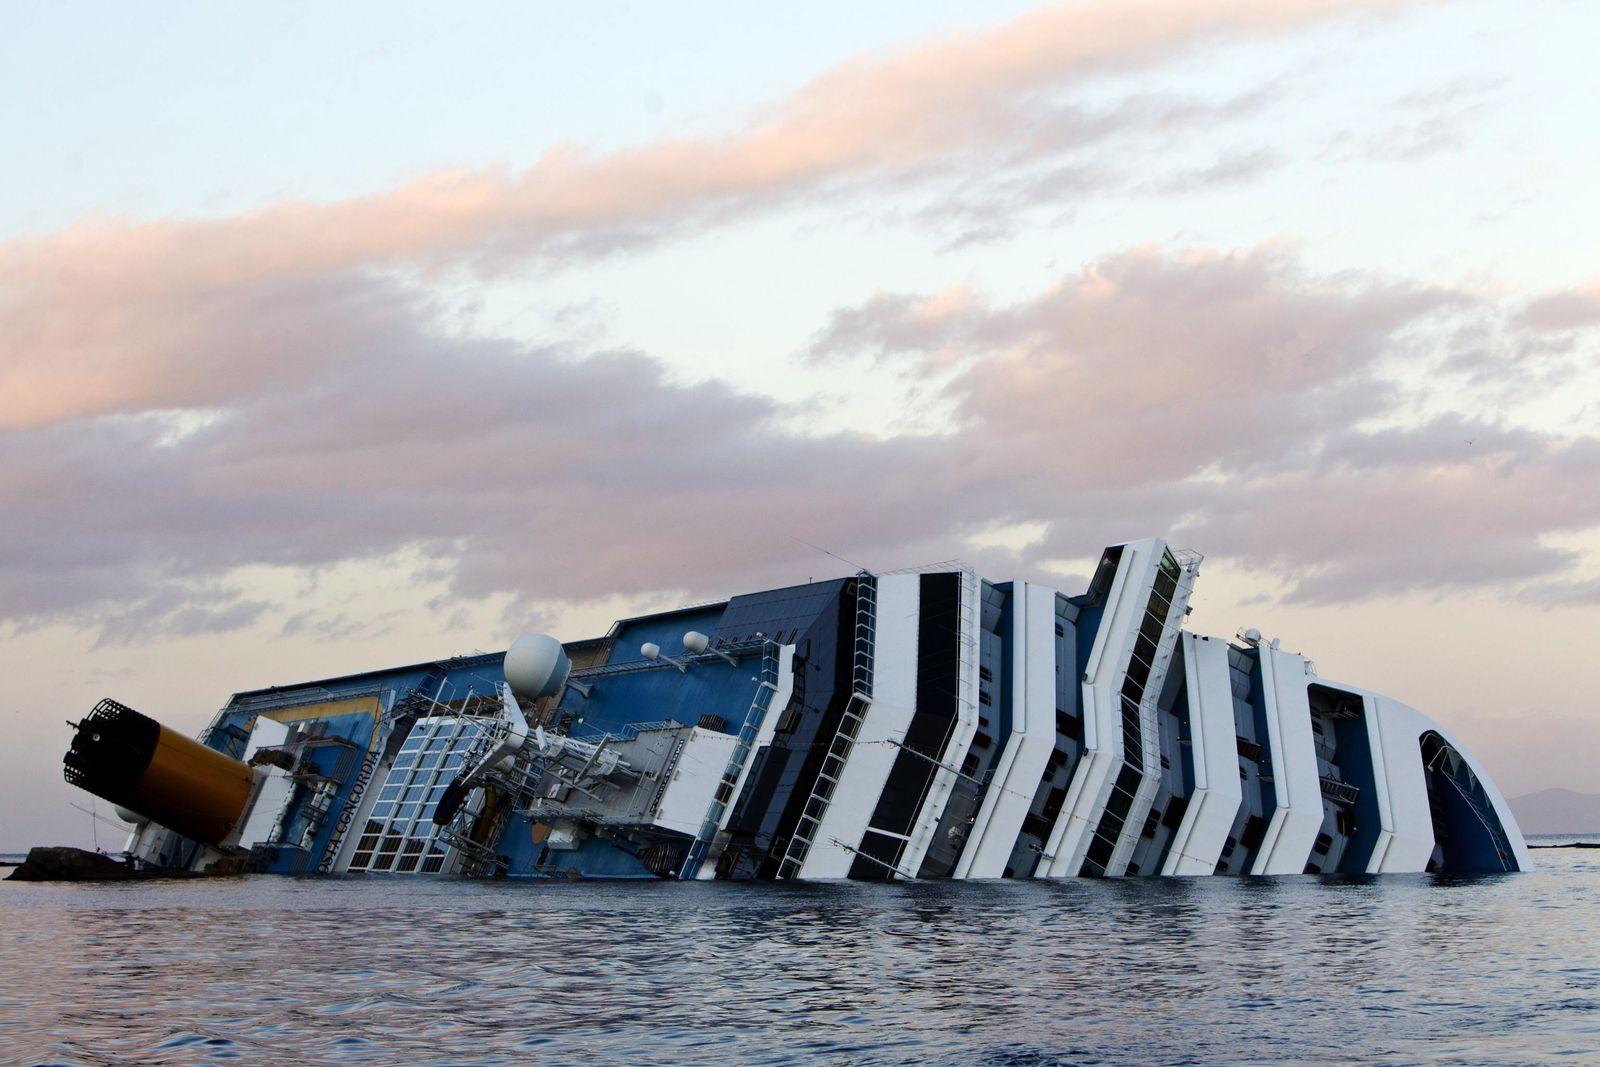 Kapitän von Bord - Freitag, der 13. - Costa Concordia gestrandet